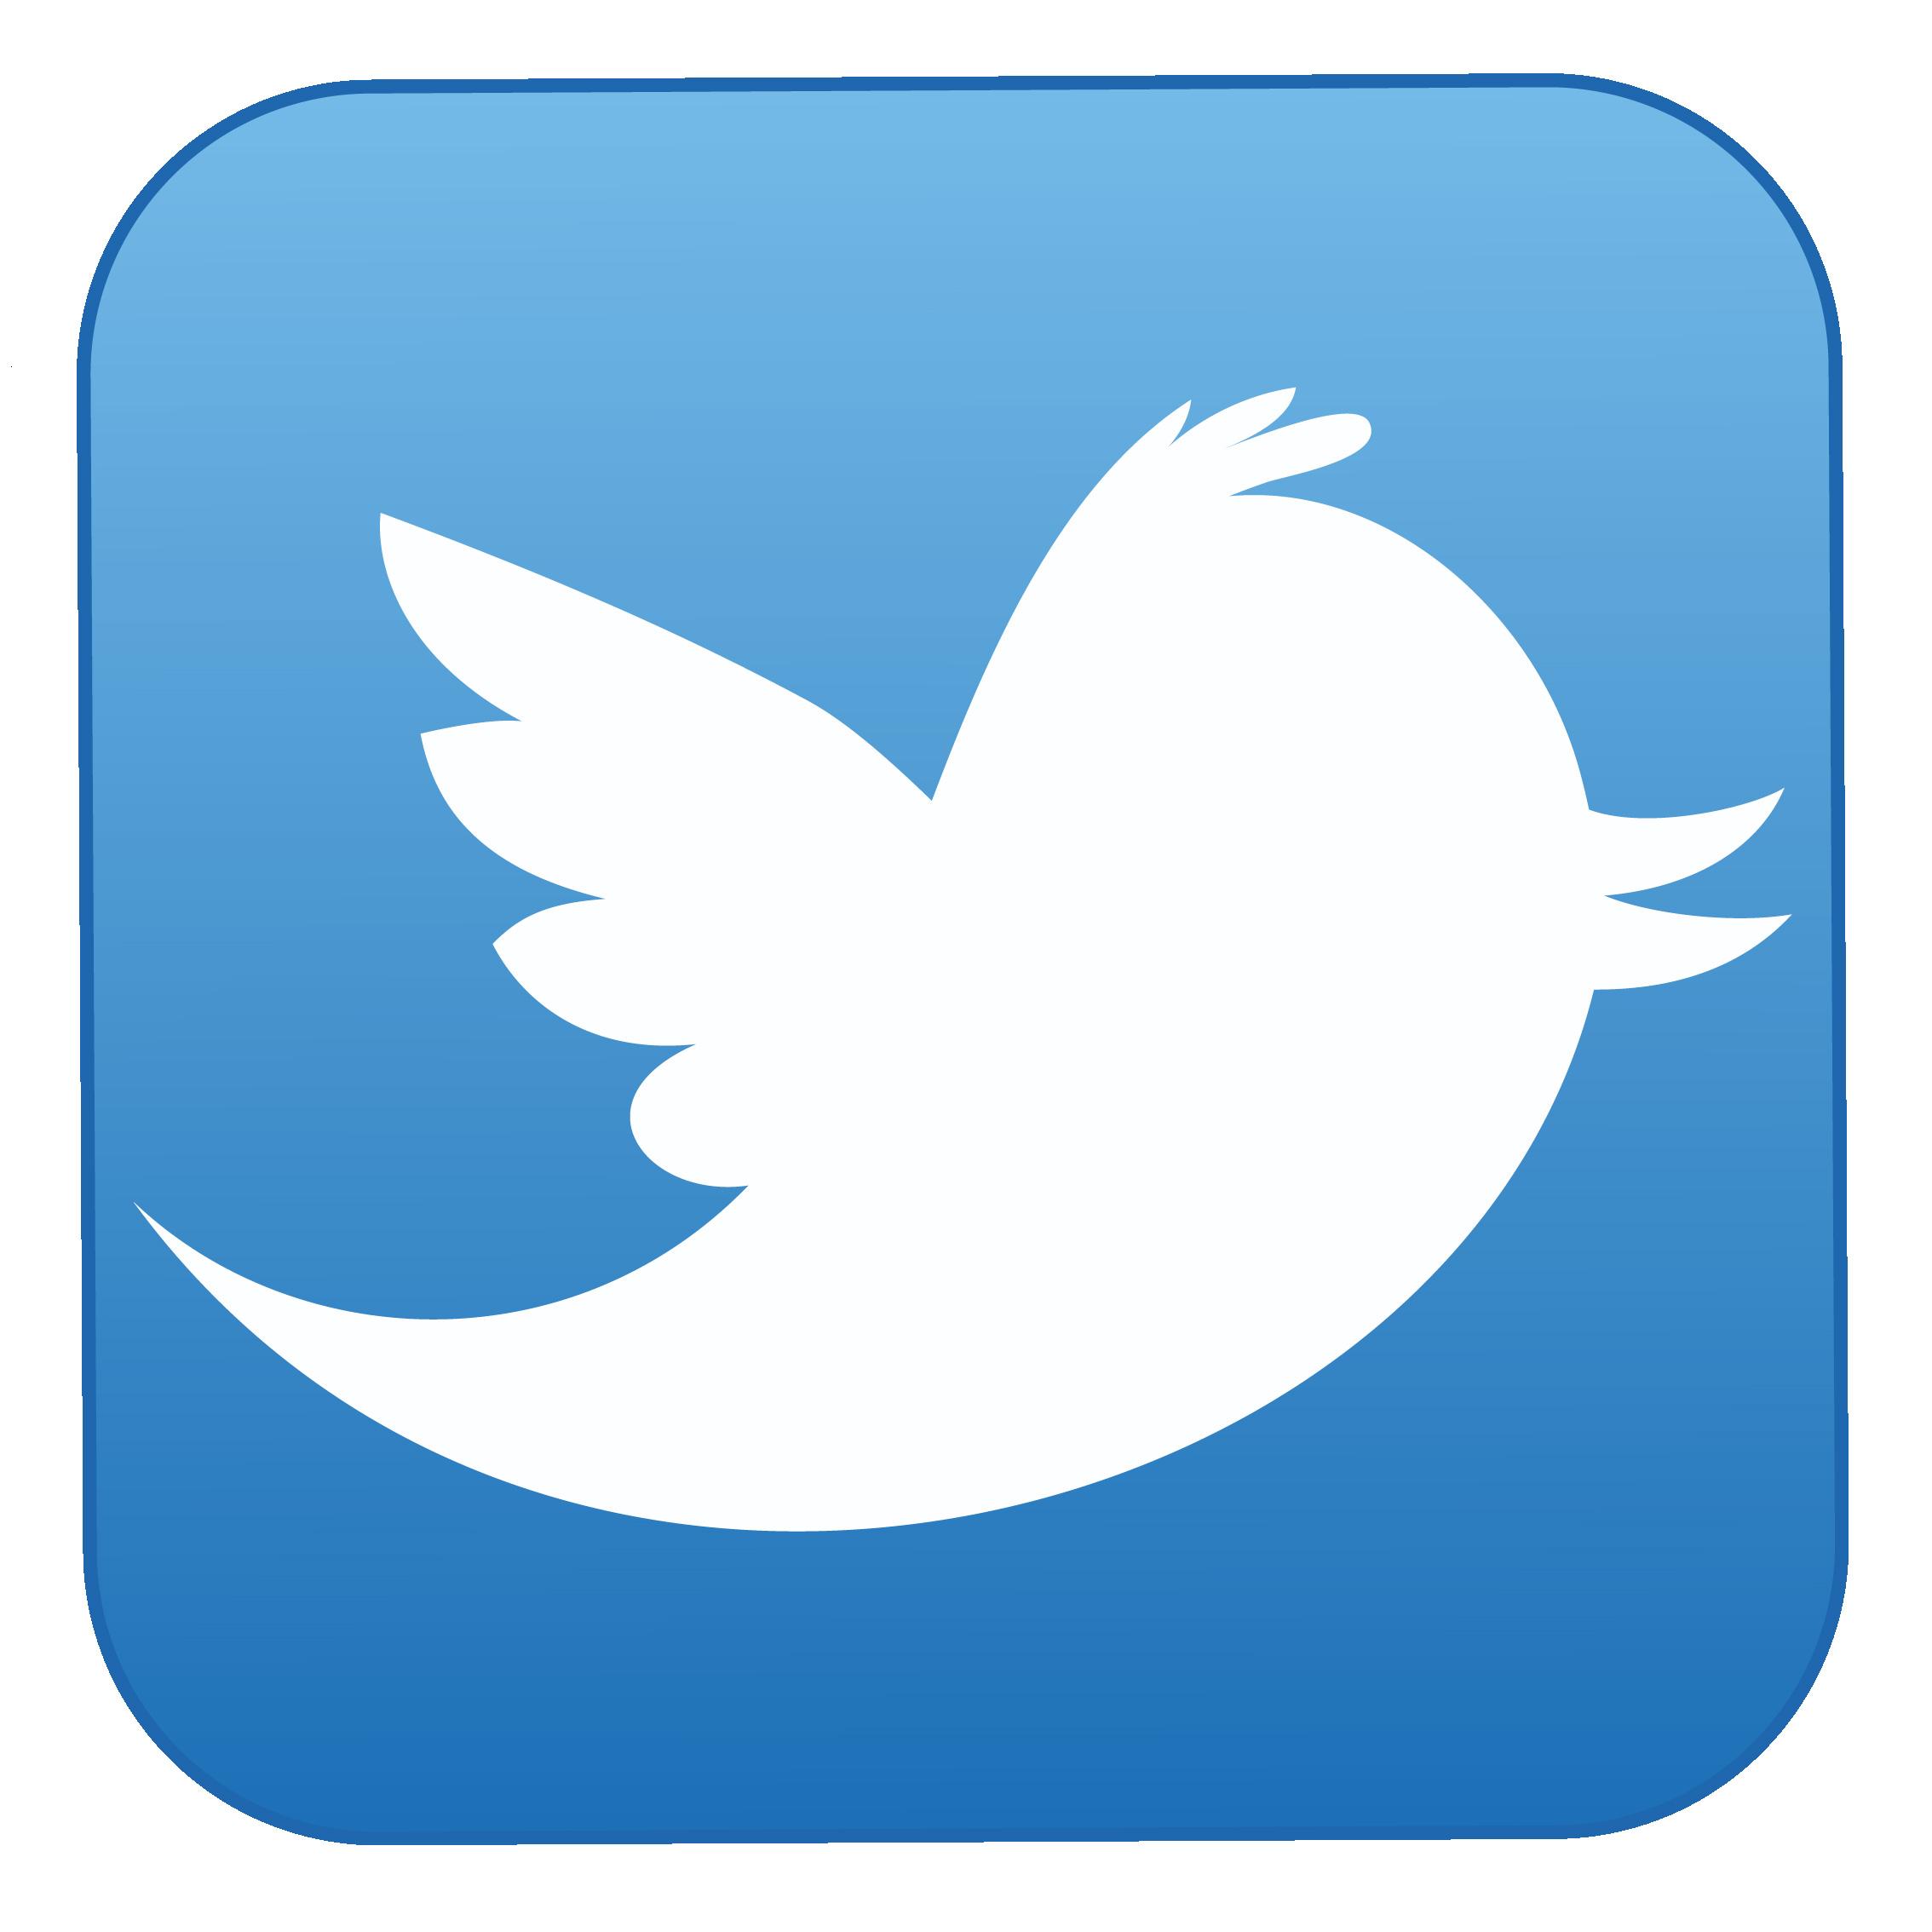 *Insinú* en twitter